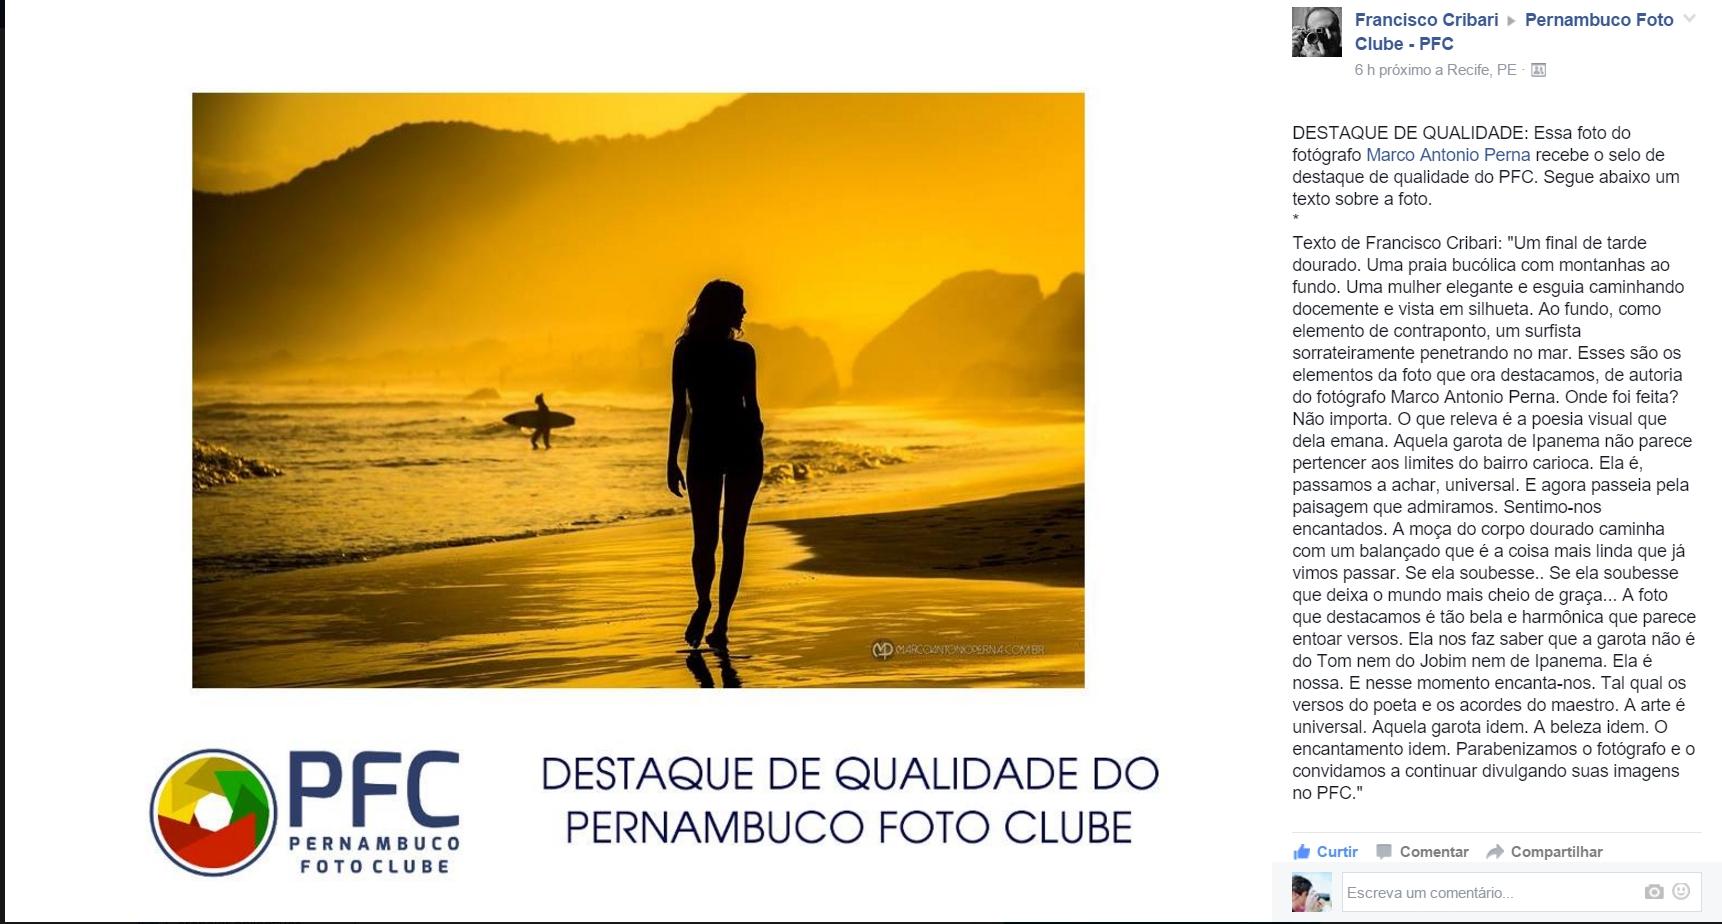 Um final de tarde dourado. Uma praia bucólica com montanhas ao fundo. Uma mulher elegante e esguia caminhando docemente e vista em silhueta. Ao fundo, como ...